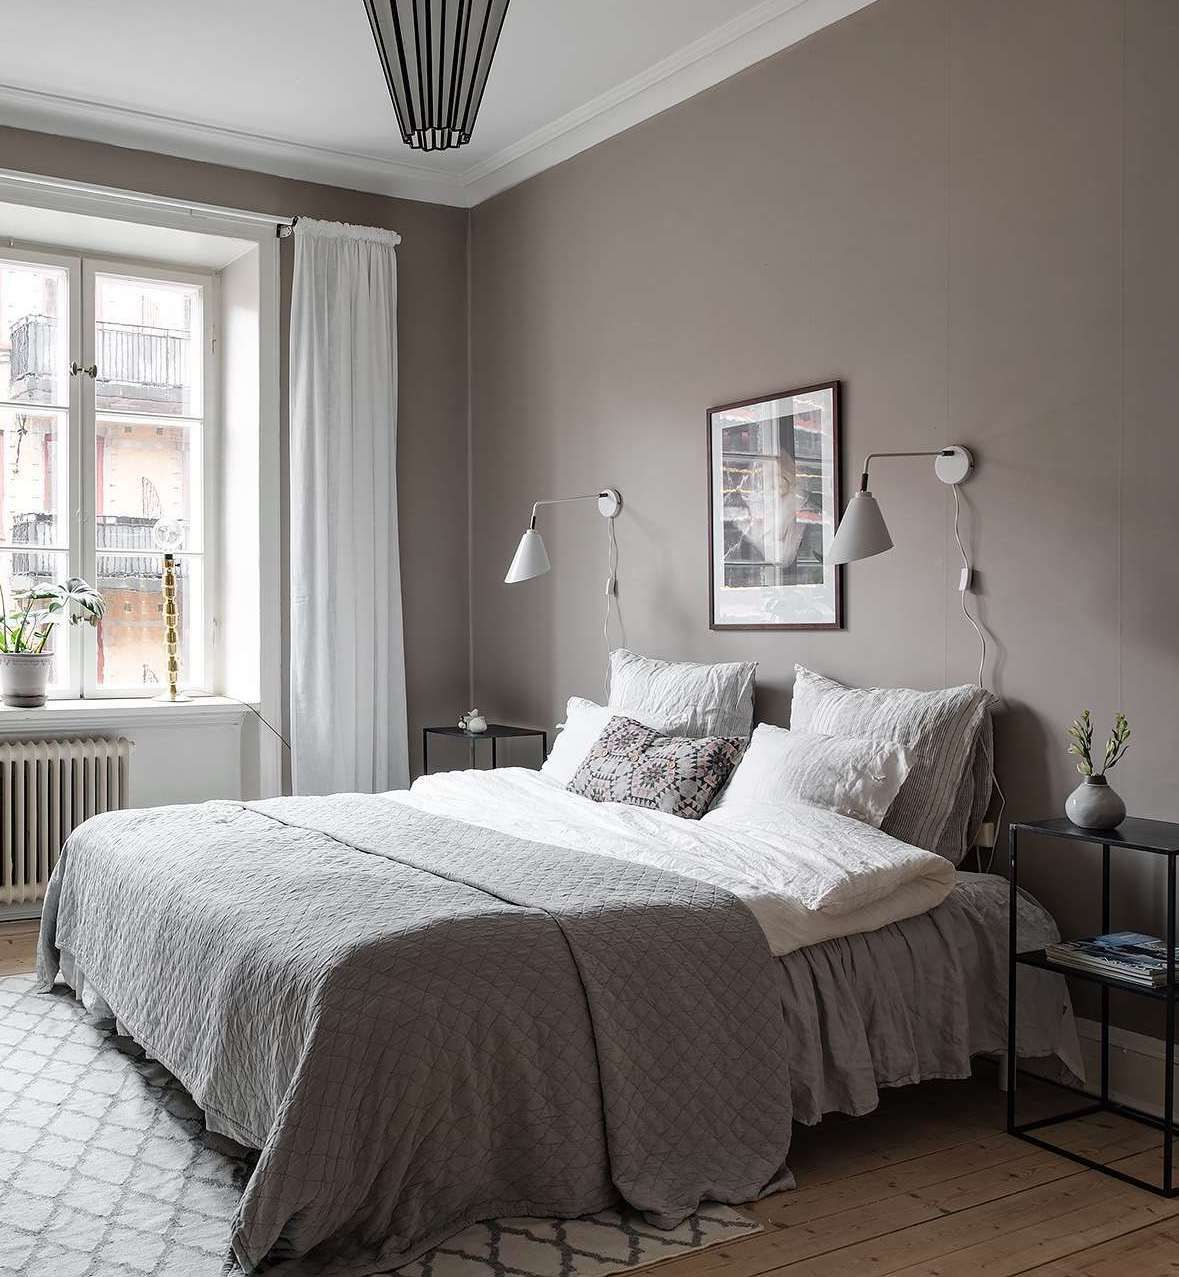 Bedroom in warm grey - COCO LAPINE DESIGN  Warm grey walls, Gray